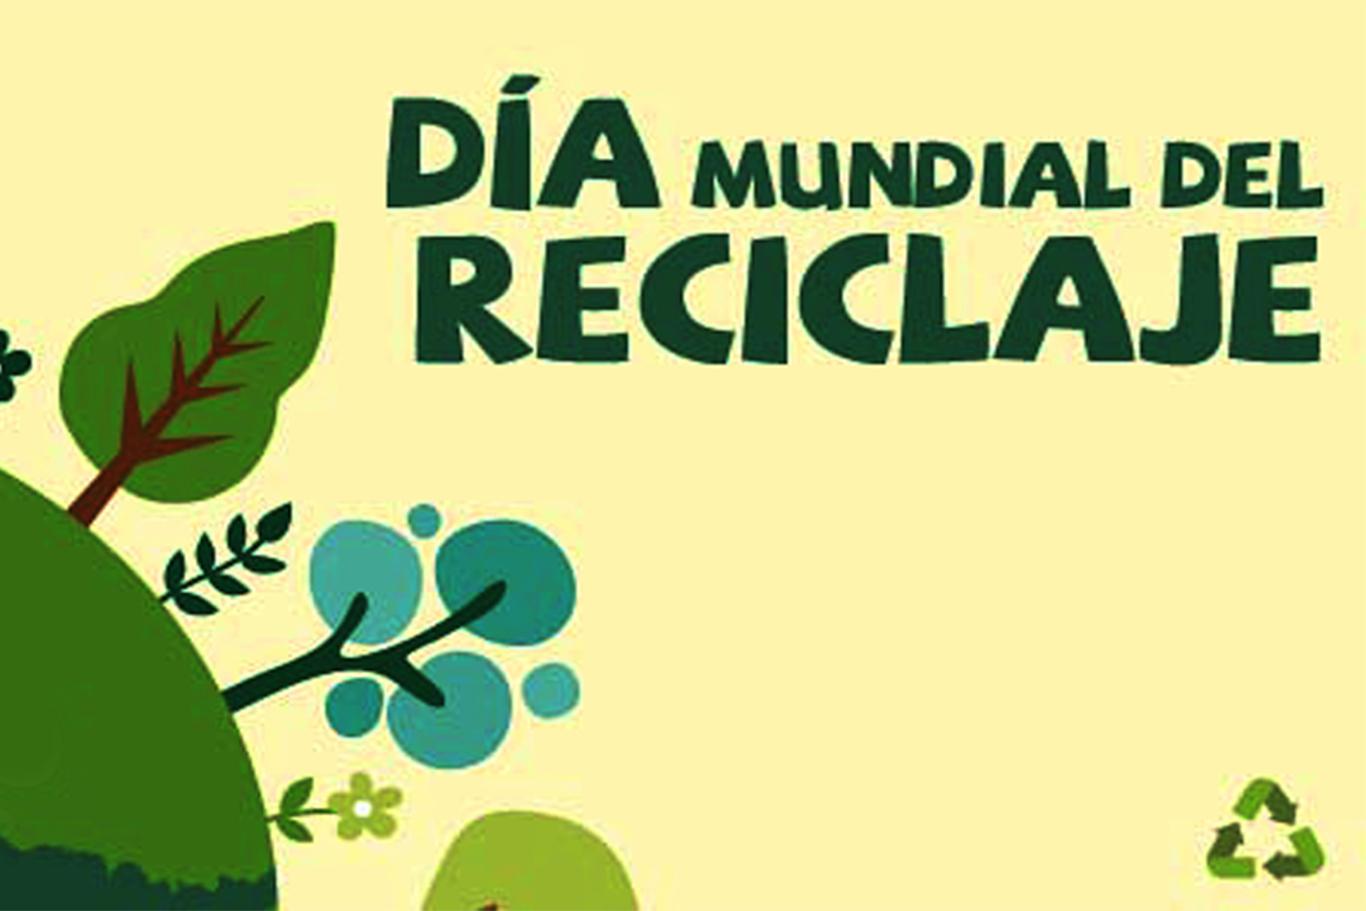 La importancia de reciclar. Día Mundial del Reciclaje  | Culturales | Variedades | EL FRENTE